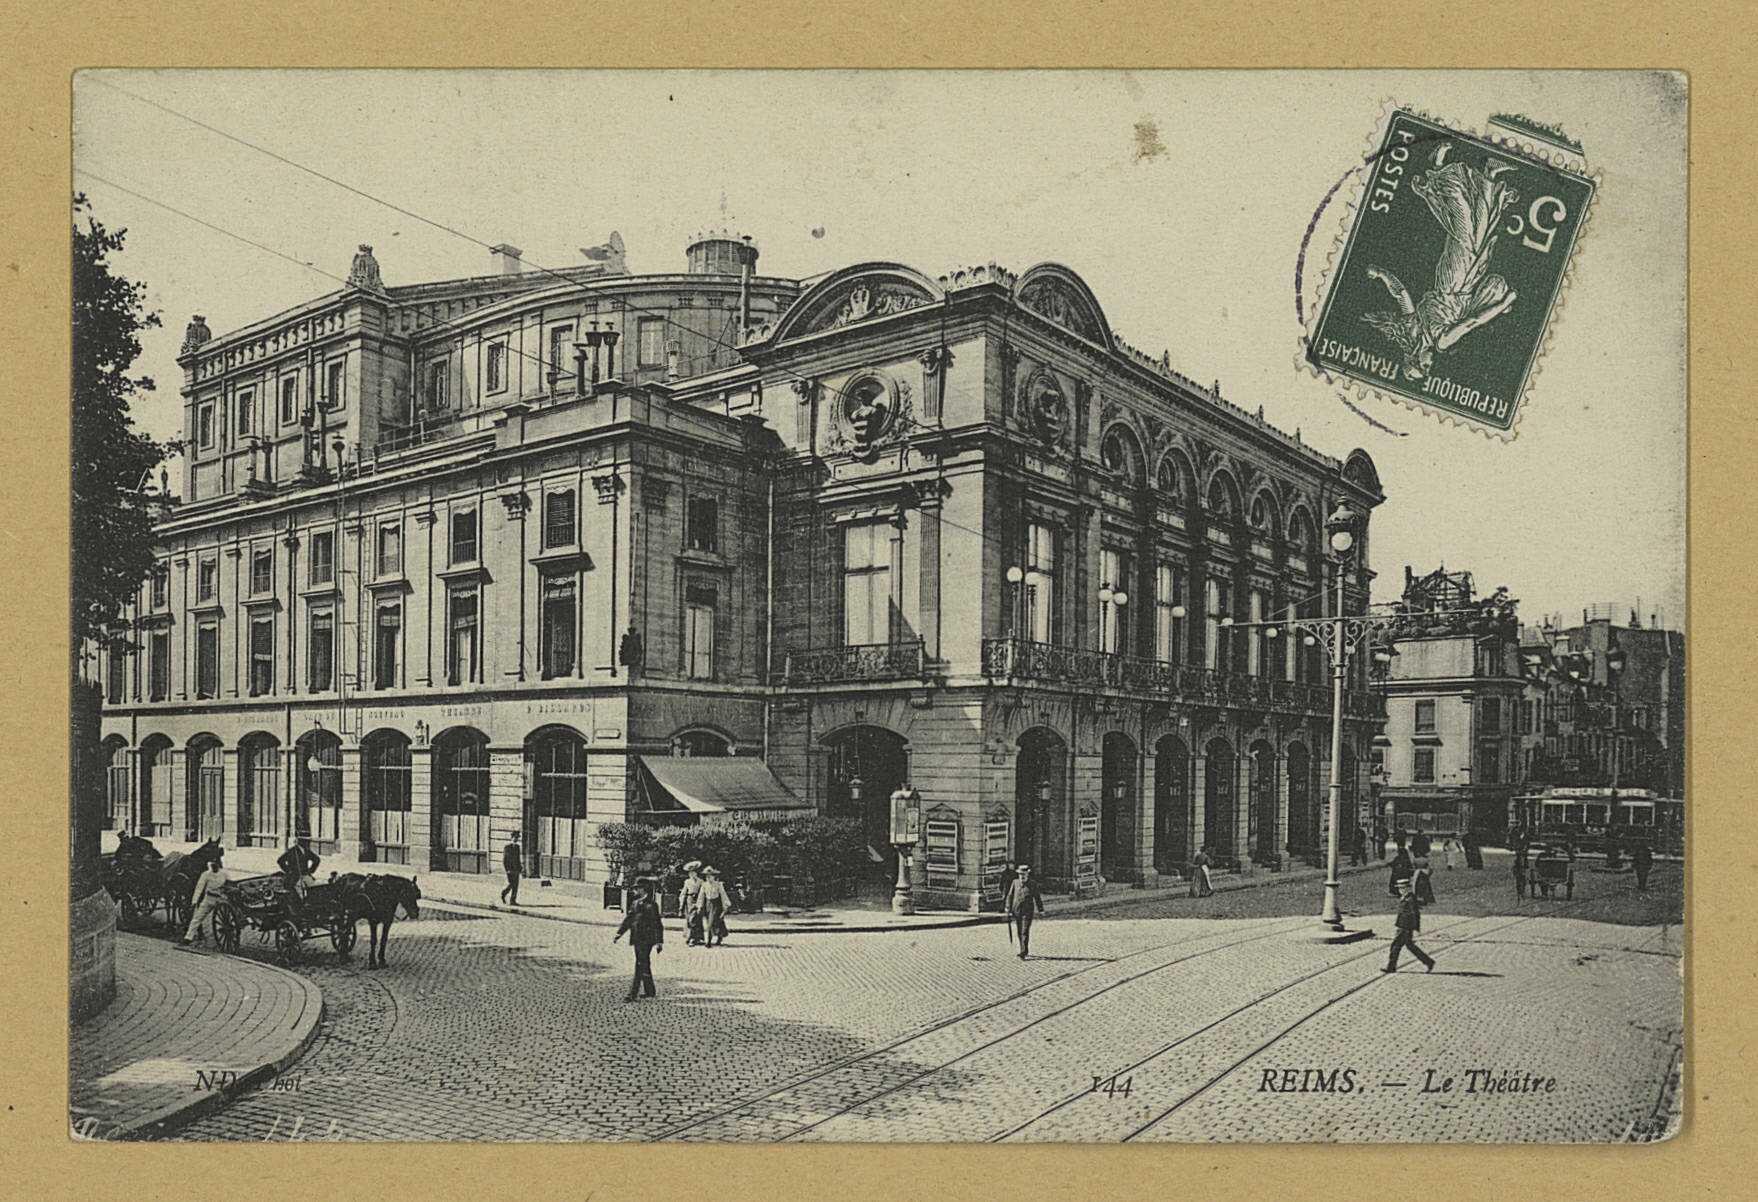 REIMS. 144. Le Théâtre / N.D. Phot.